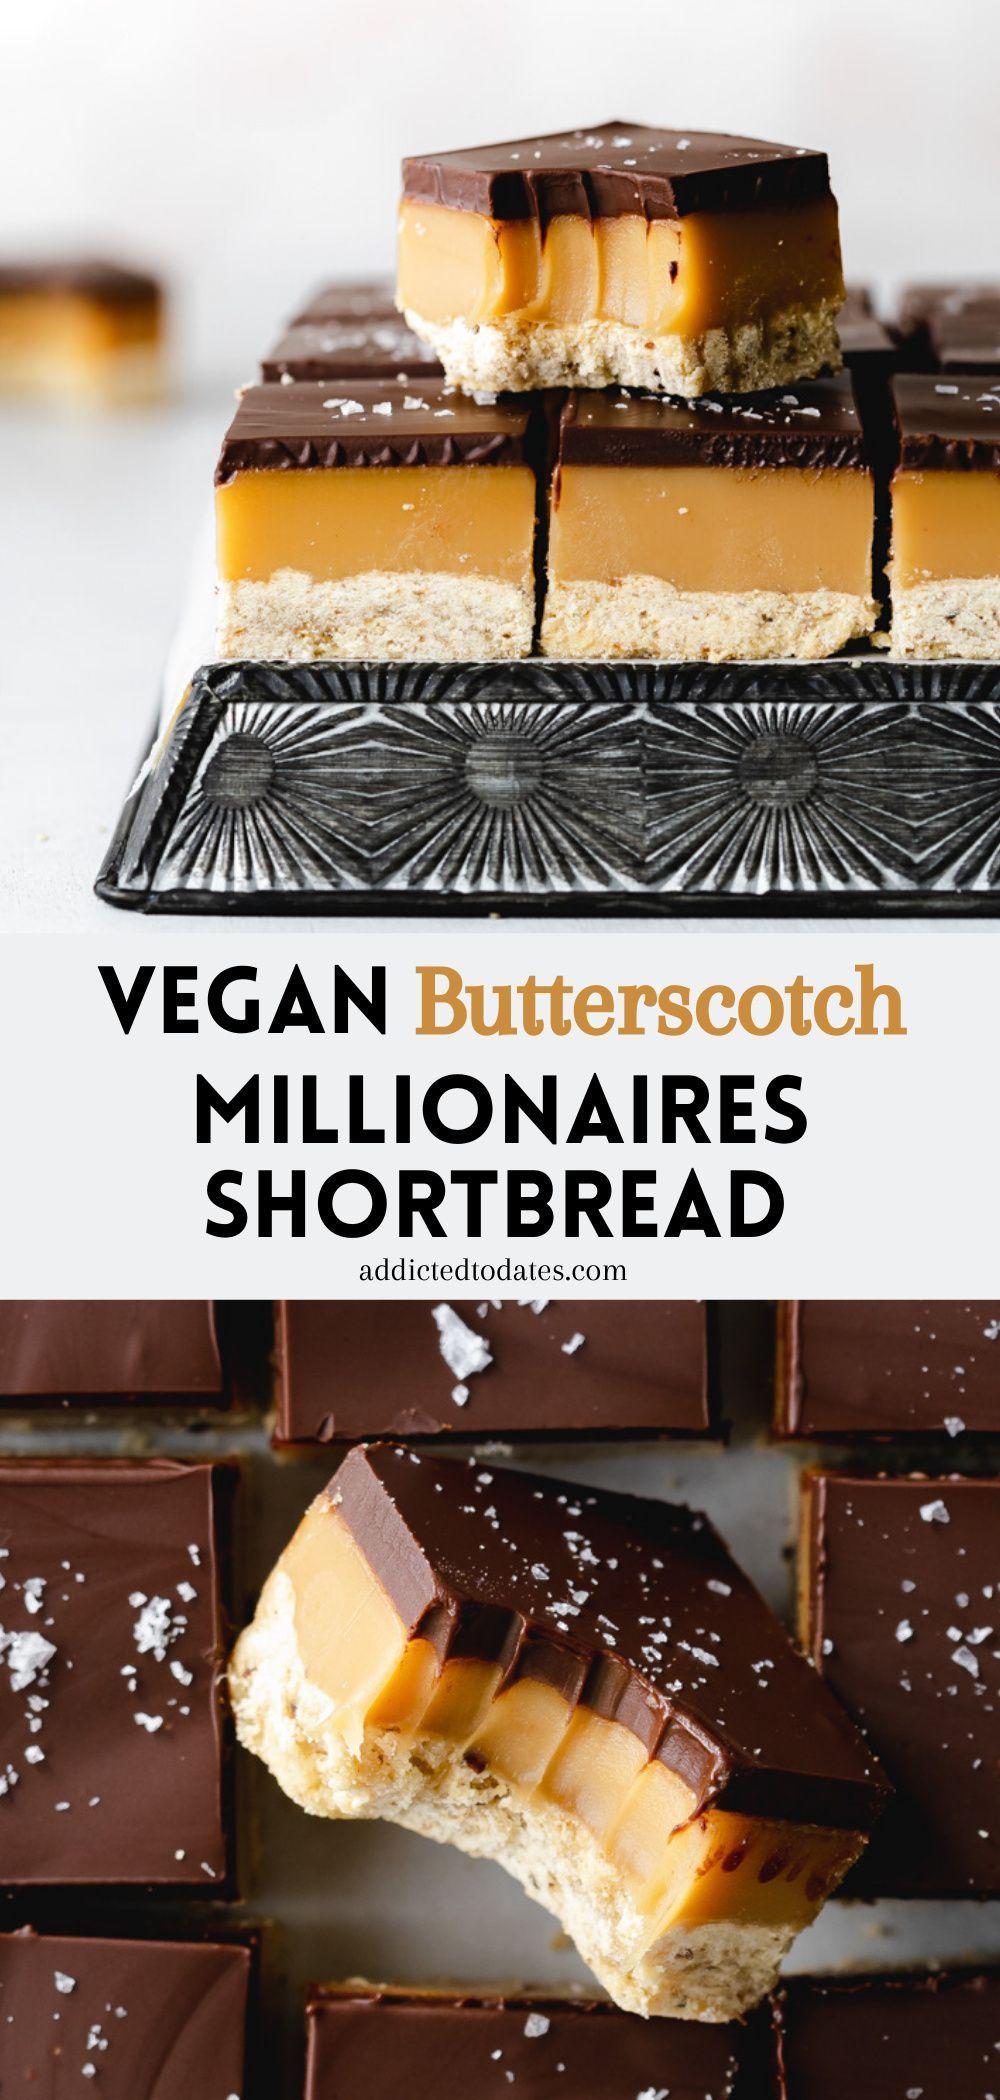 Photo of Butterscotch Millionaires Shortbread